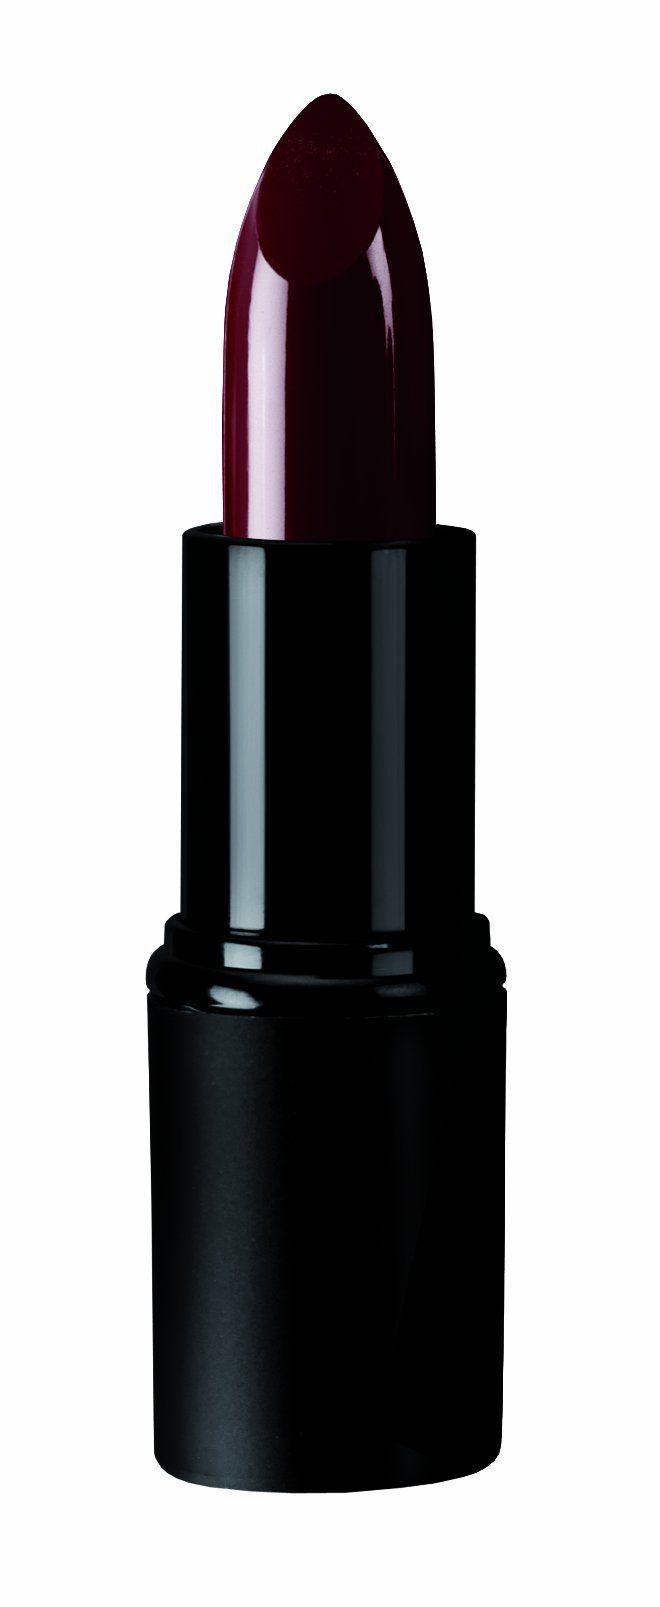 Sleek Makeup True Colour Lipstick Vamp 3.5 g, 1er Pack (1 x 3.5 g): Amazon.de: Parfümerie & Kosmetik / 6,29